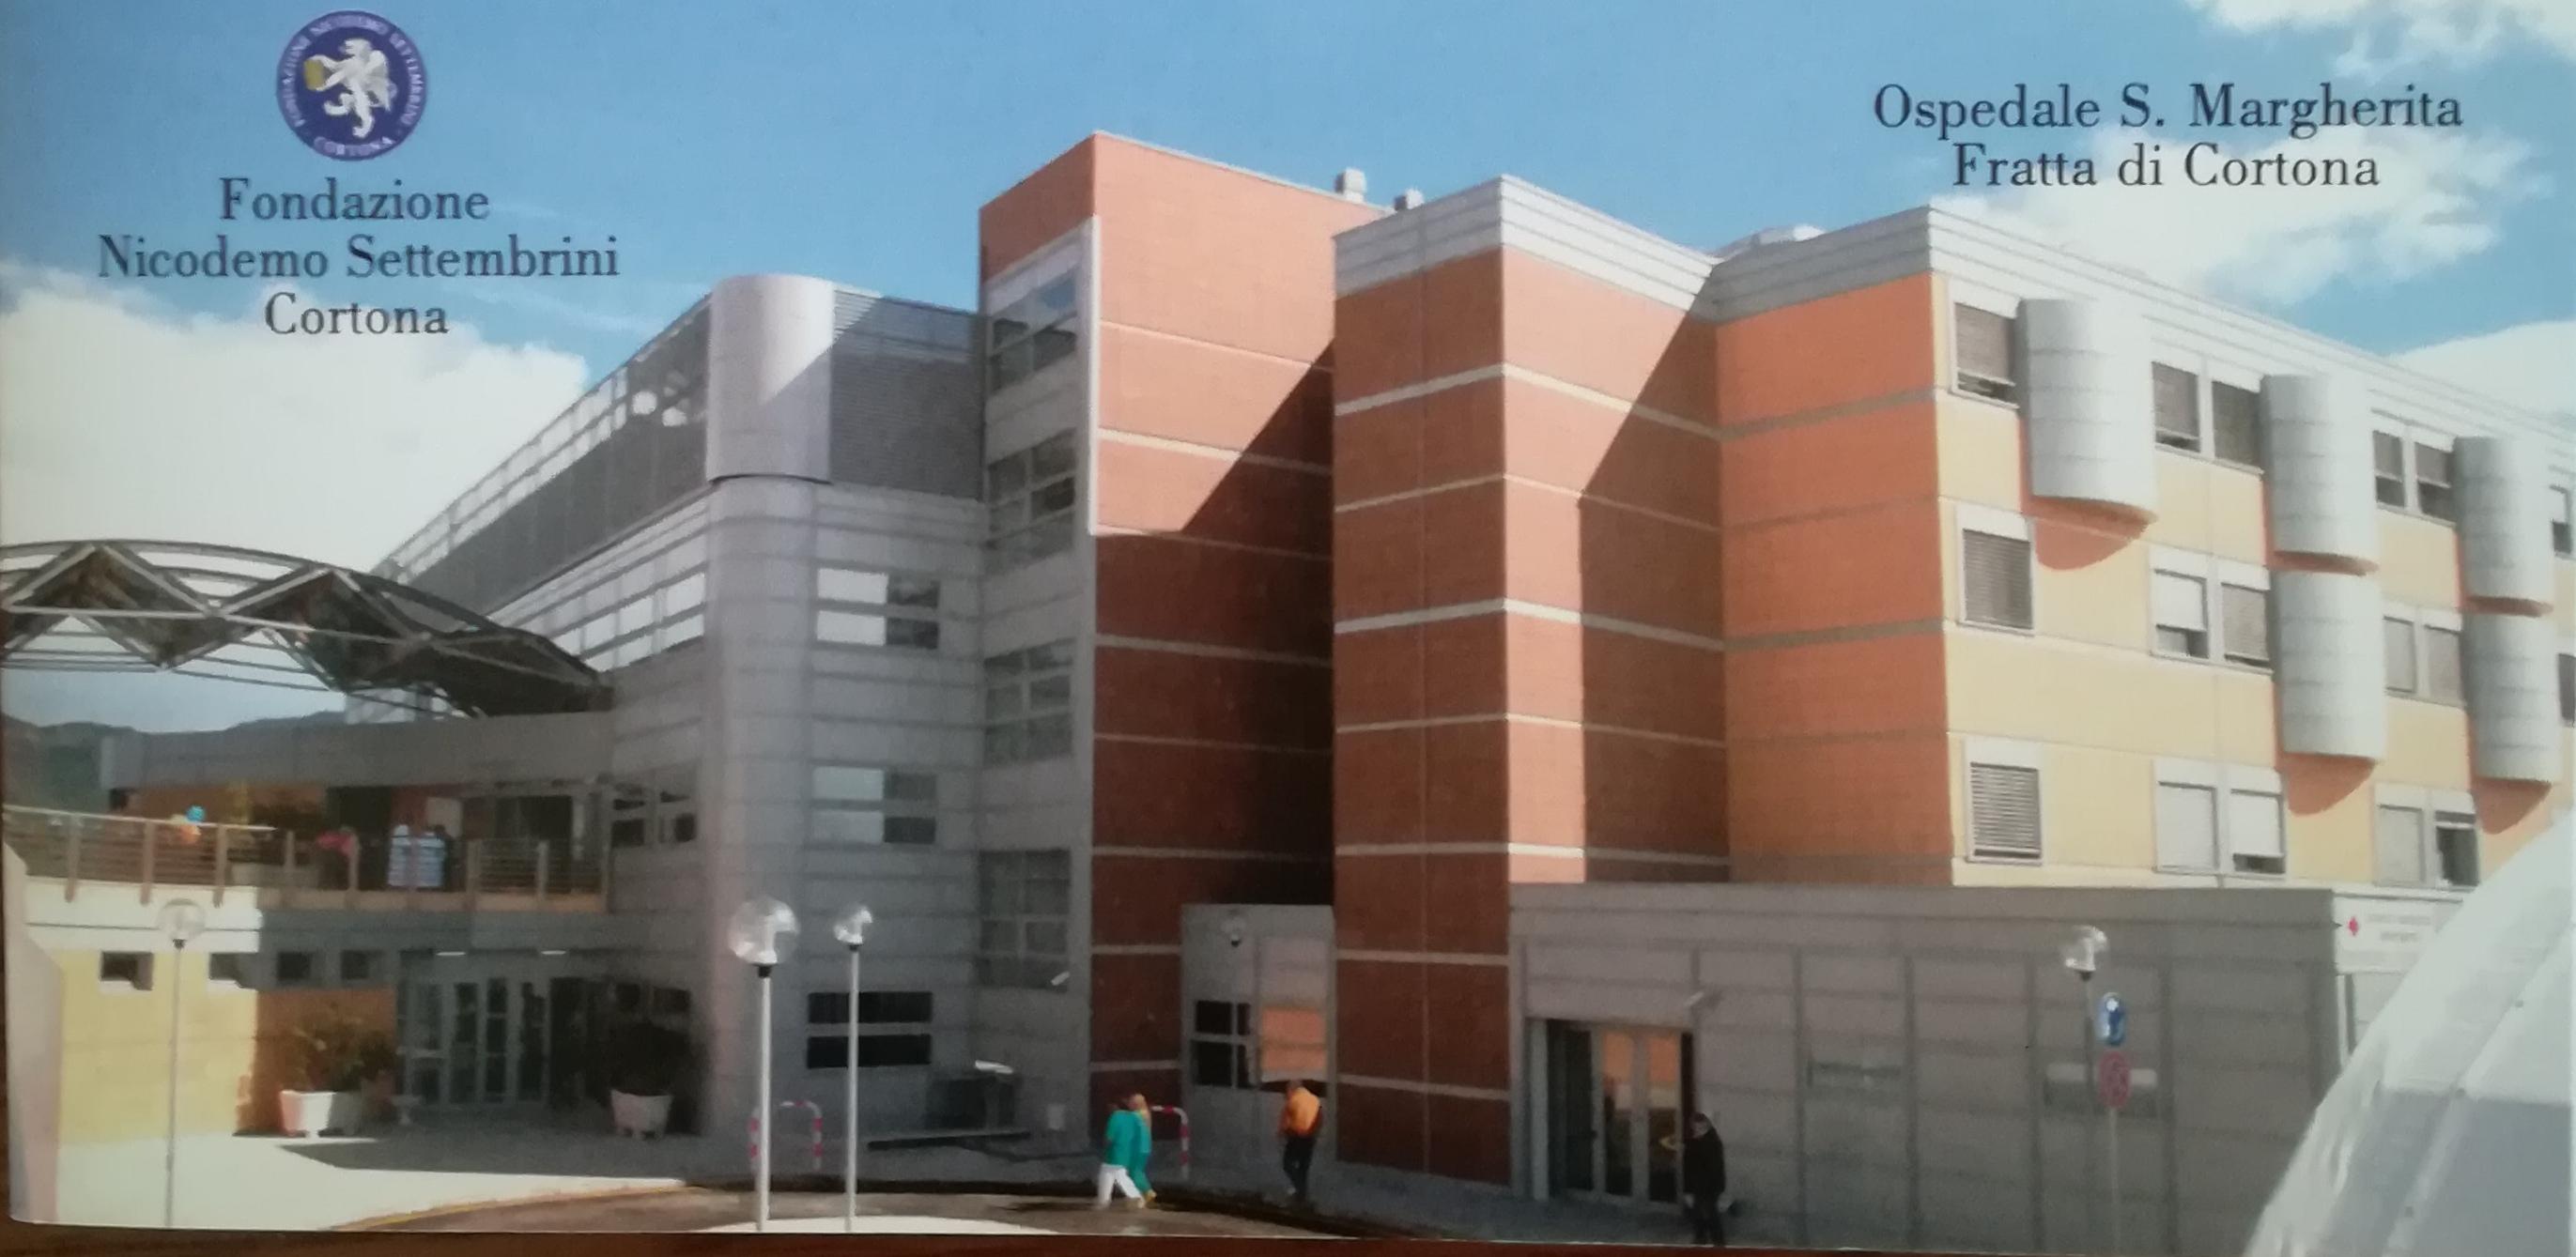 Medicina Nucleare in Oncologia, incontro pubblico all'ospedale di Fratta